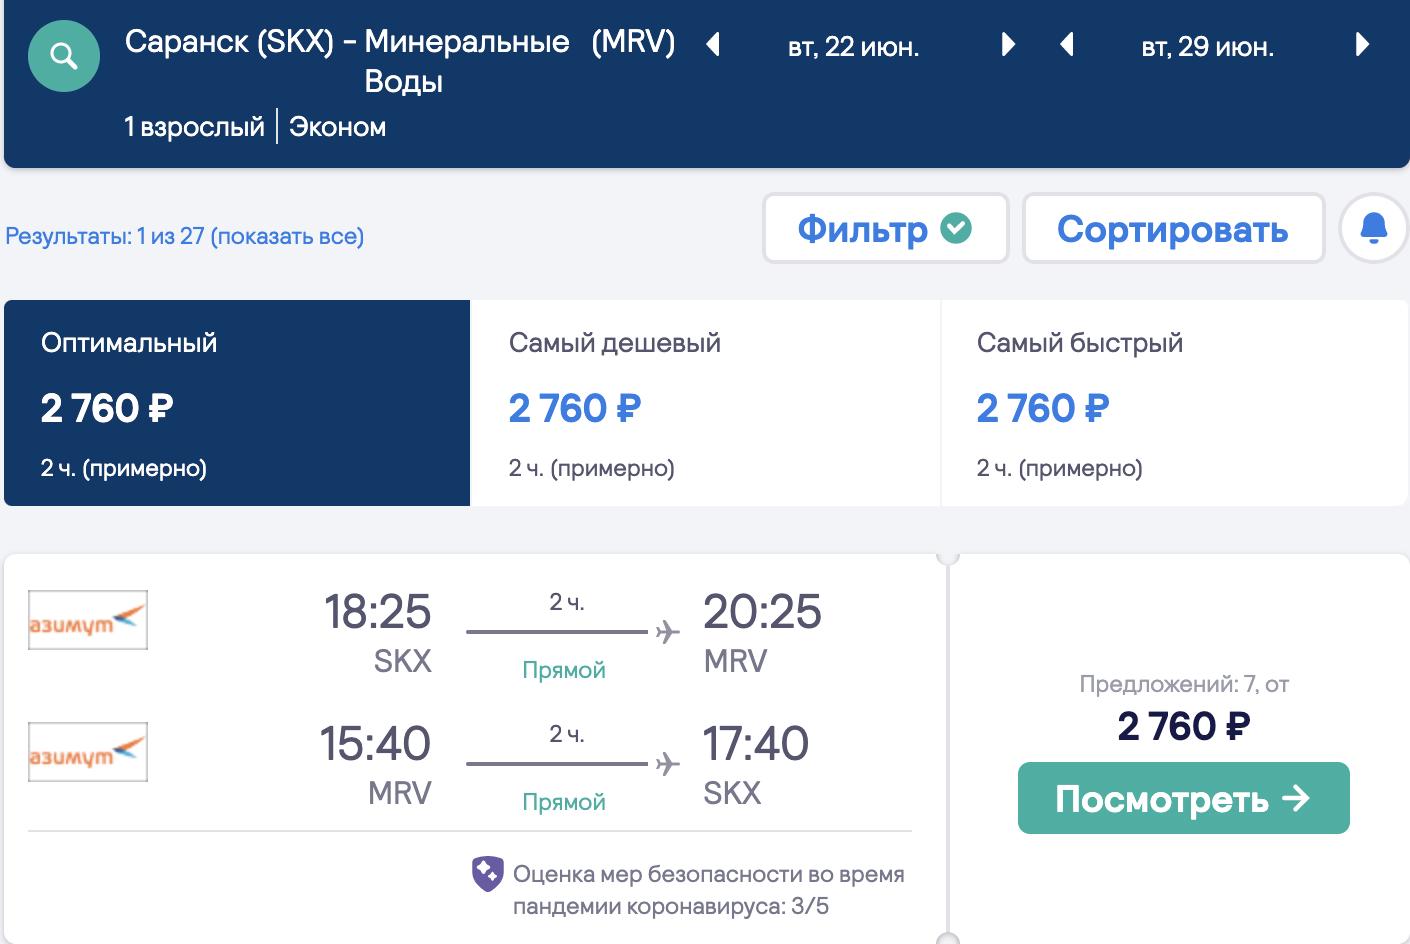 Летим на Кавказ! Прямые рейсы Азимута из Саранска в Минводы за 2800₽ туда-обратно (в июне)